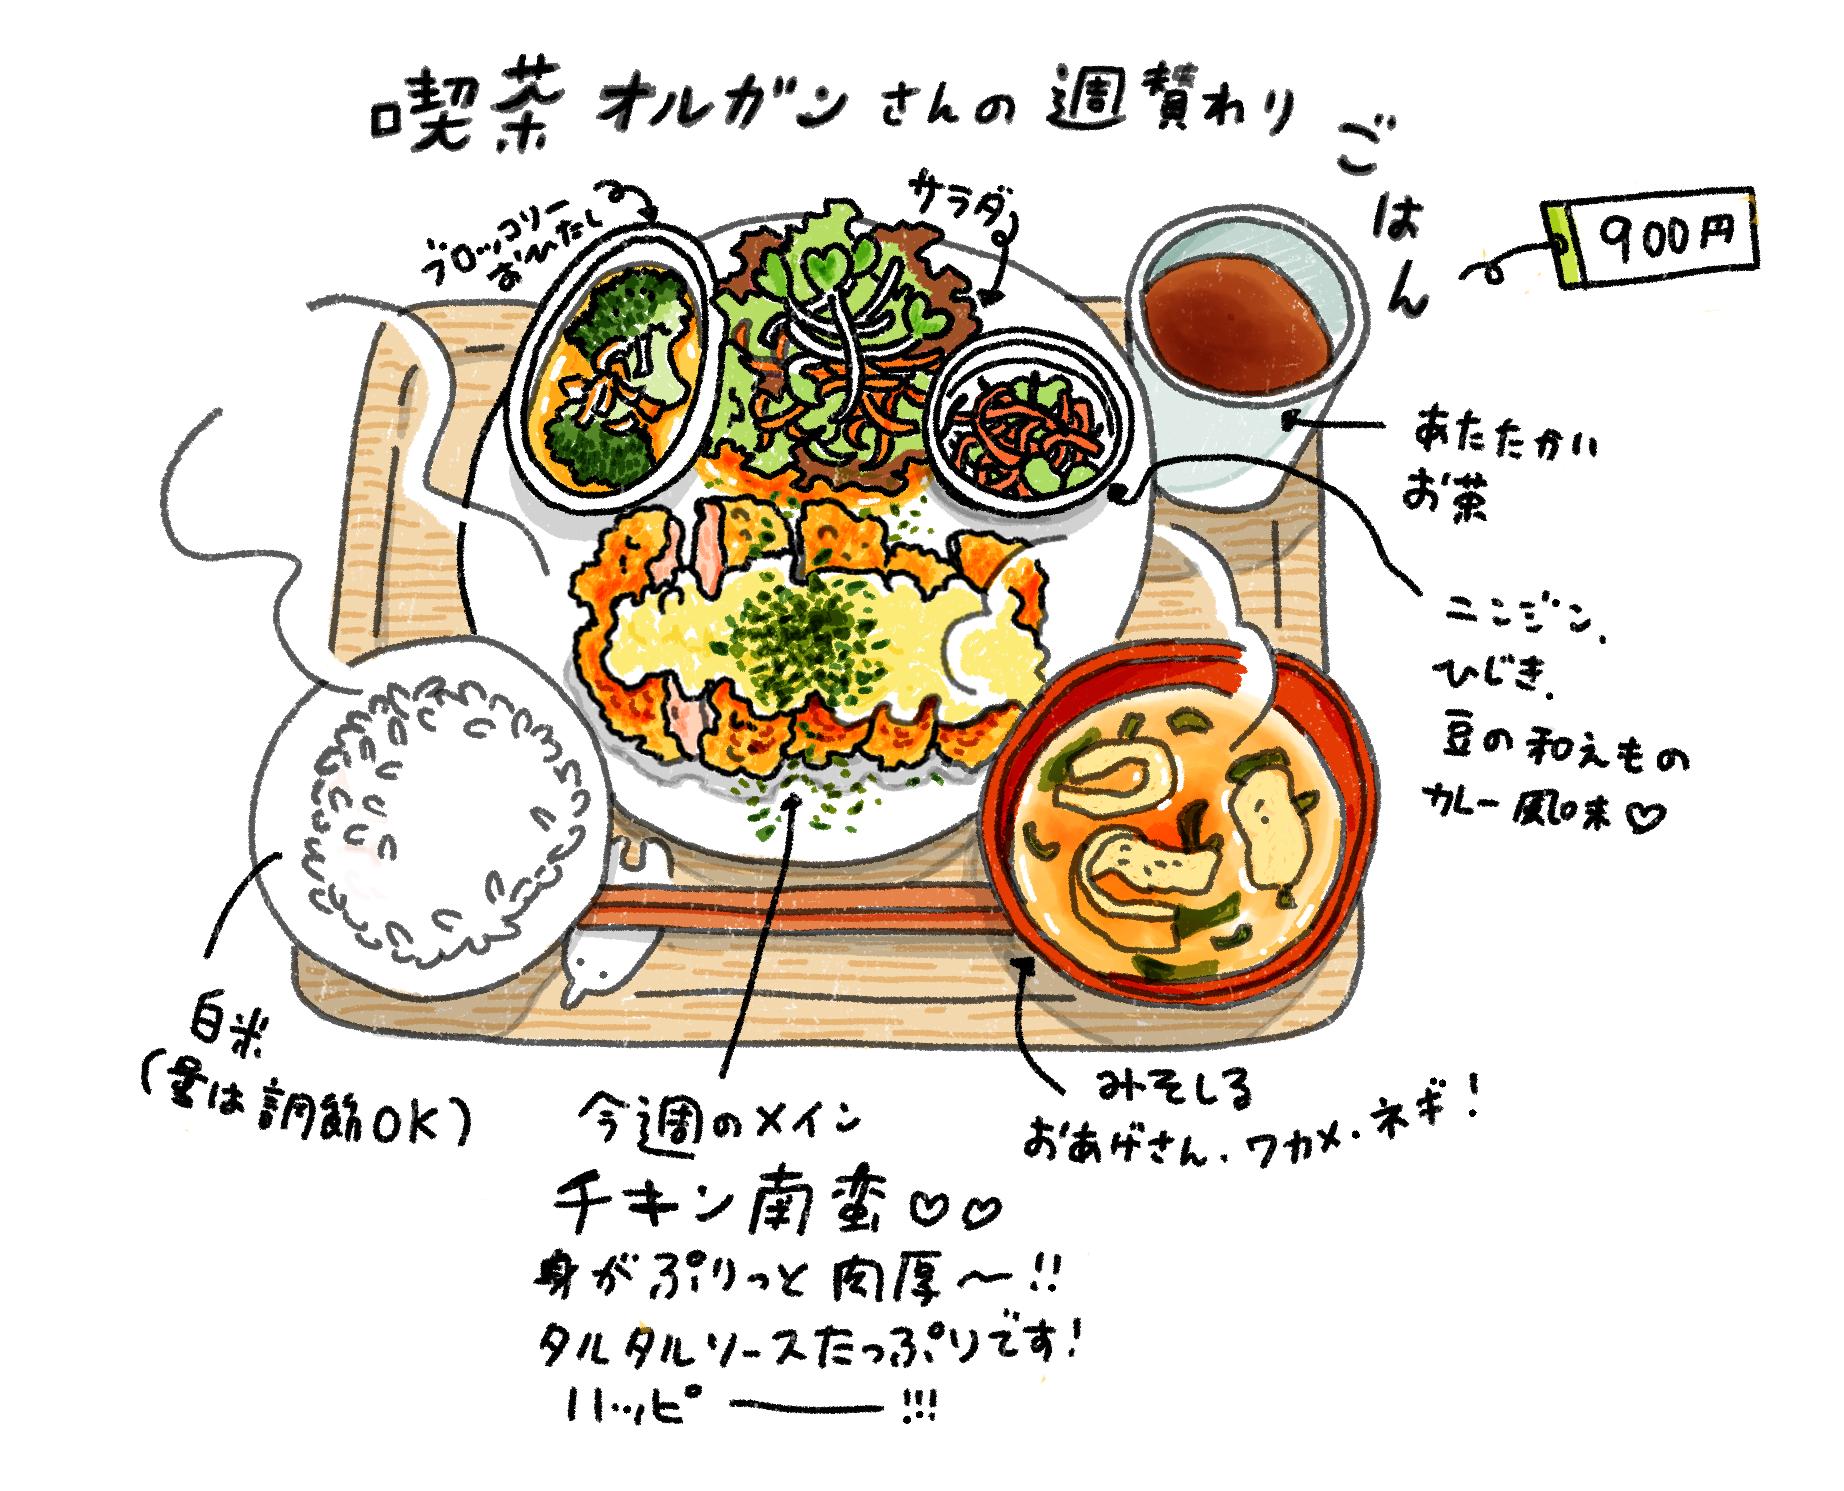 喫茶オルガン 日替わり定食